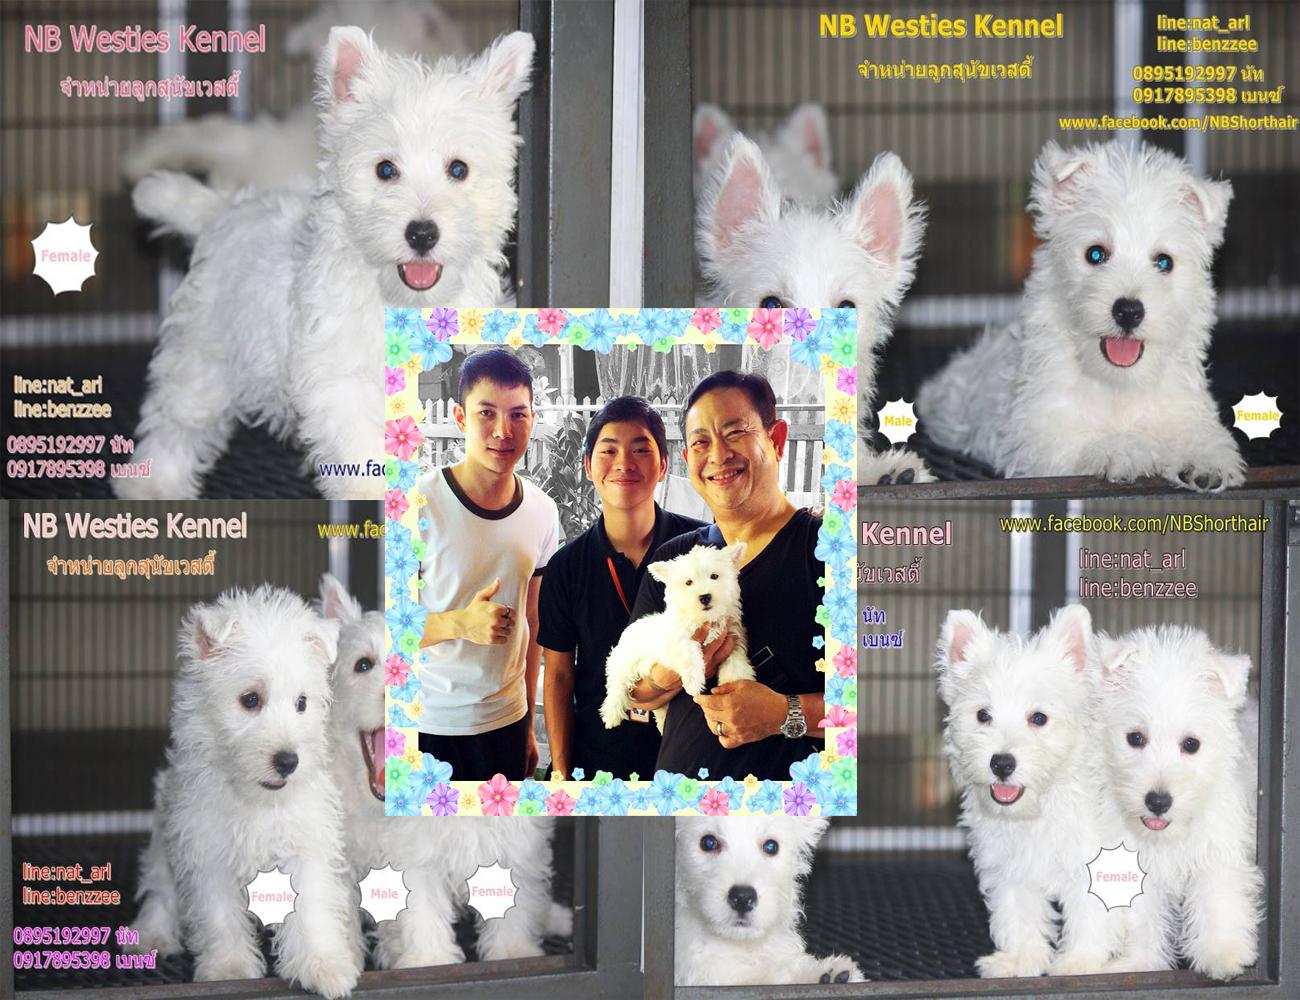 จำหนายลูกสุนัขสายพันธุ์เวสตี้(West Highland White Terrier) เพศผู้ 1 เพศเมีย 1